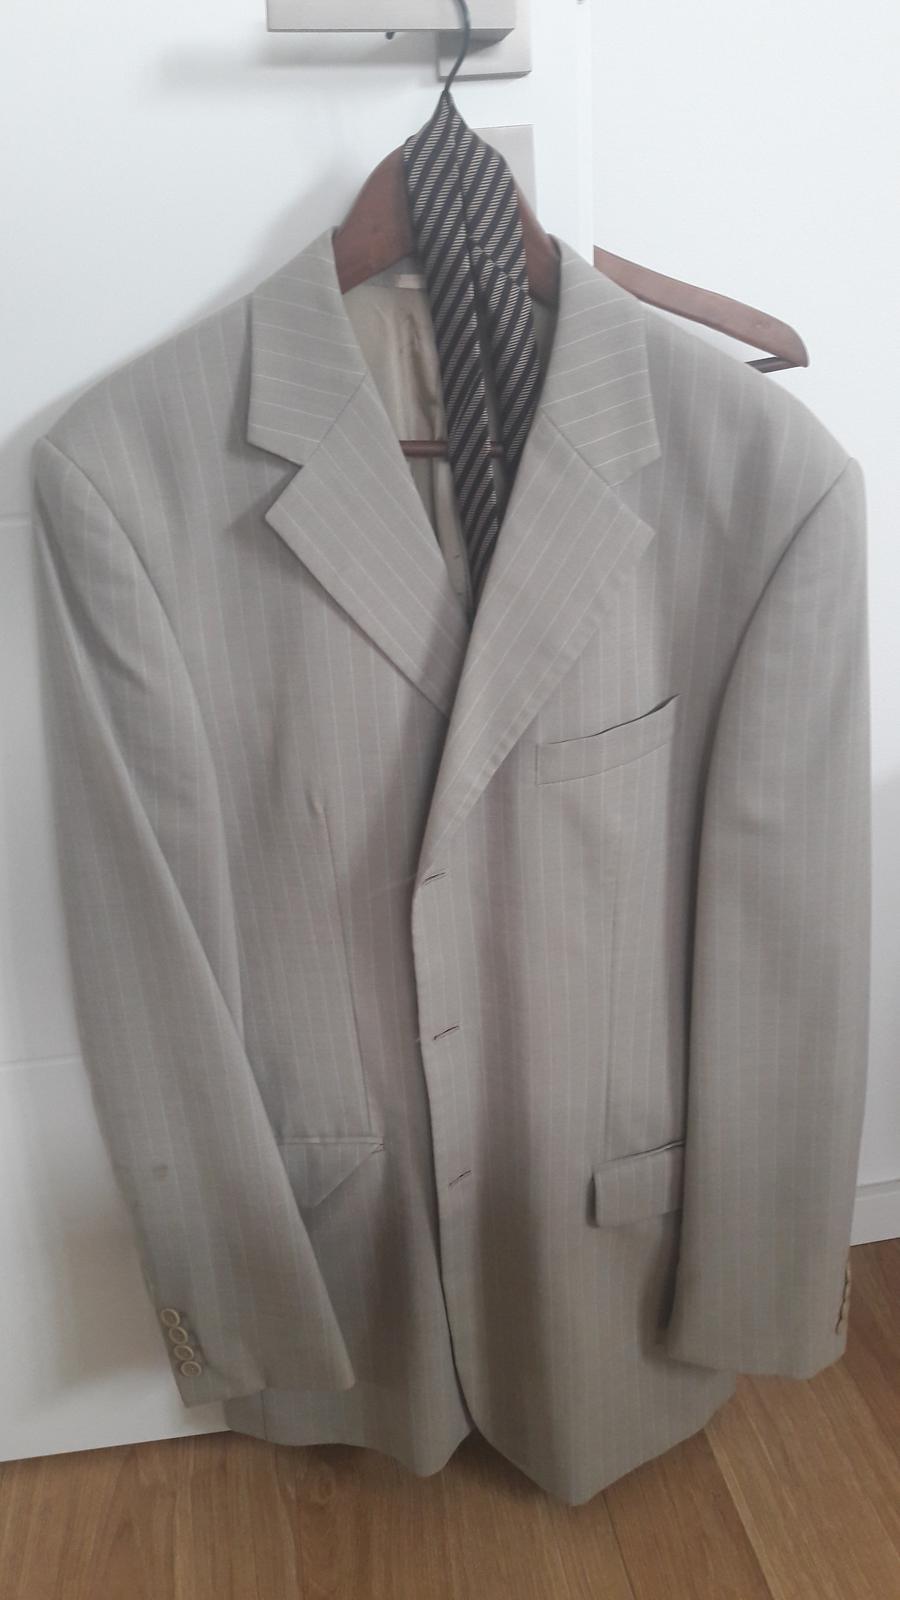 Oblek svadobný marco.mirelli - Obrázok č. 1